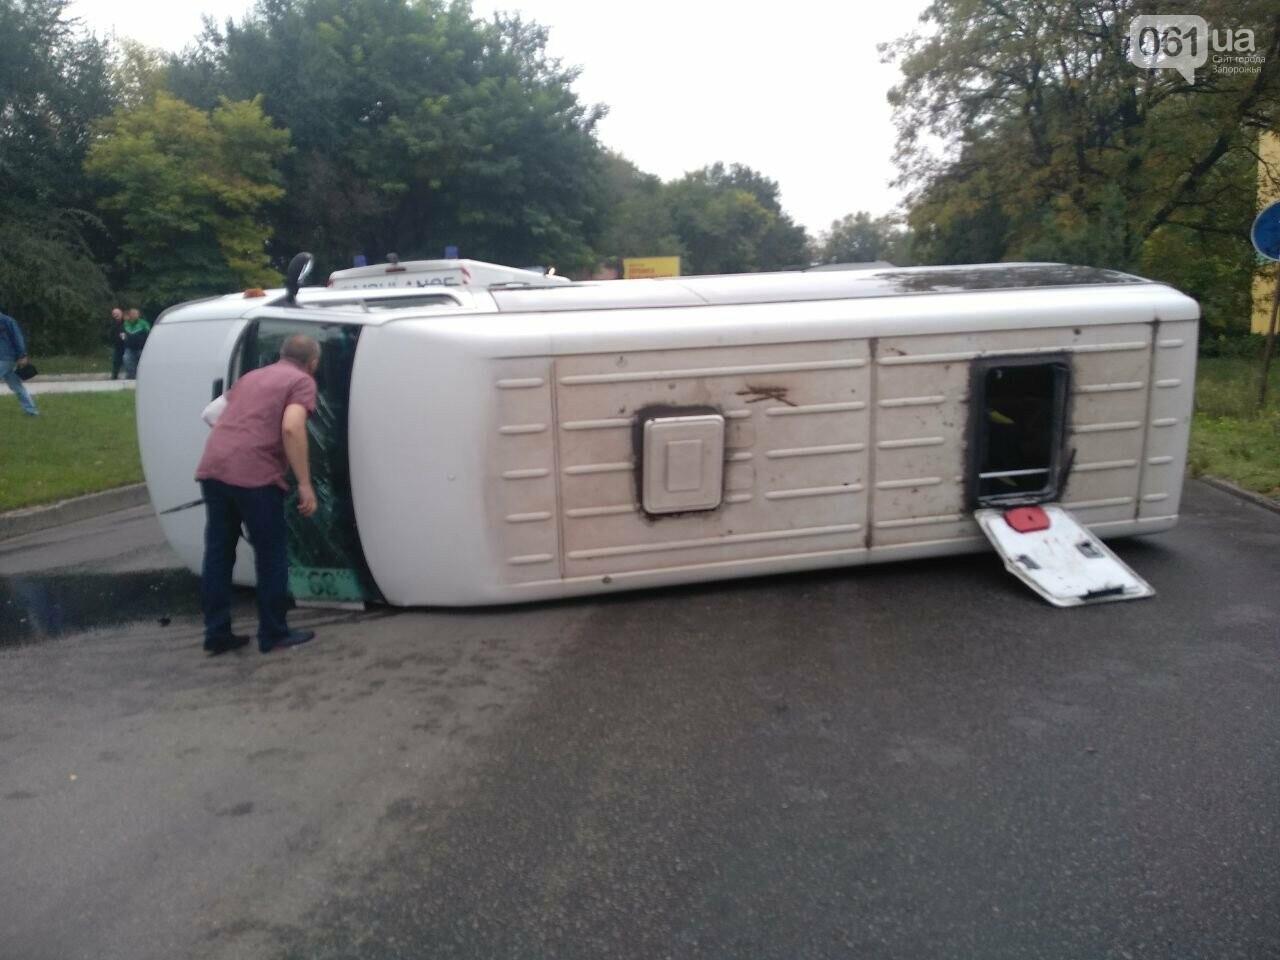 photo5208685004148813666 5f89650f9a0a2 - В запорожской полиции прокомментировали ДТП с перевернувшейся маршруткой